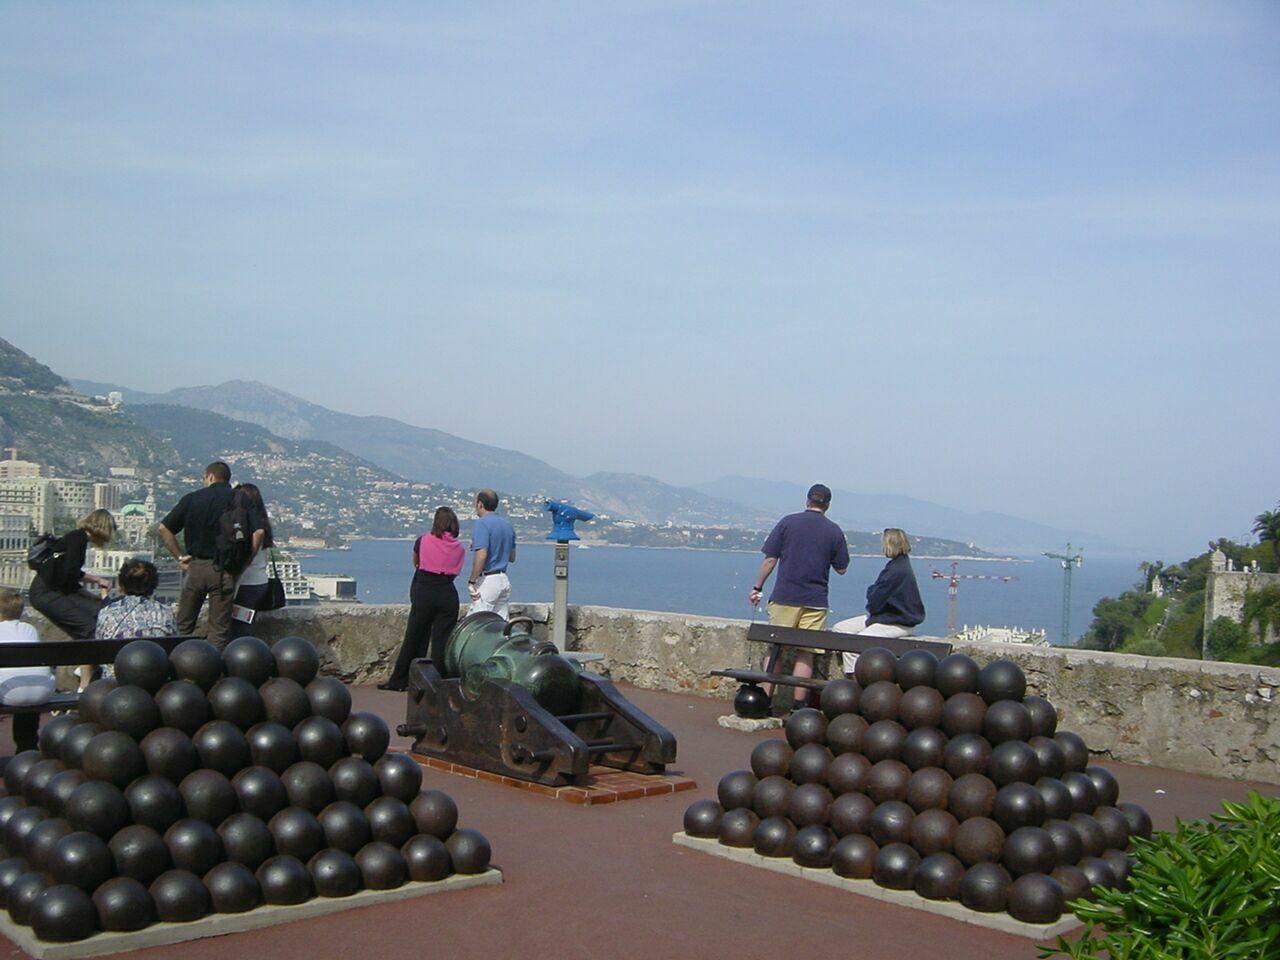 Monaco er til oktober i år vært for InVoyage-messen, der sætter fokus luksusdelen indenfor møde- og eventbranchen. Her et af de mange udsigtspunkter i Monaco med et smukt kig udover Middelhavet. Foto: Henrik Baumgarten.